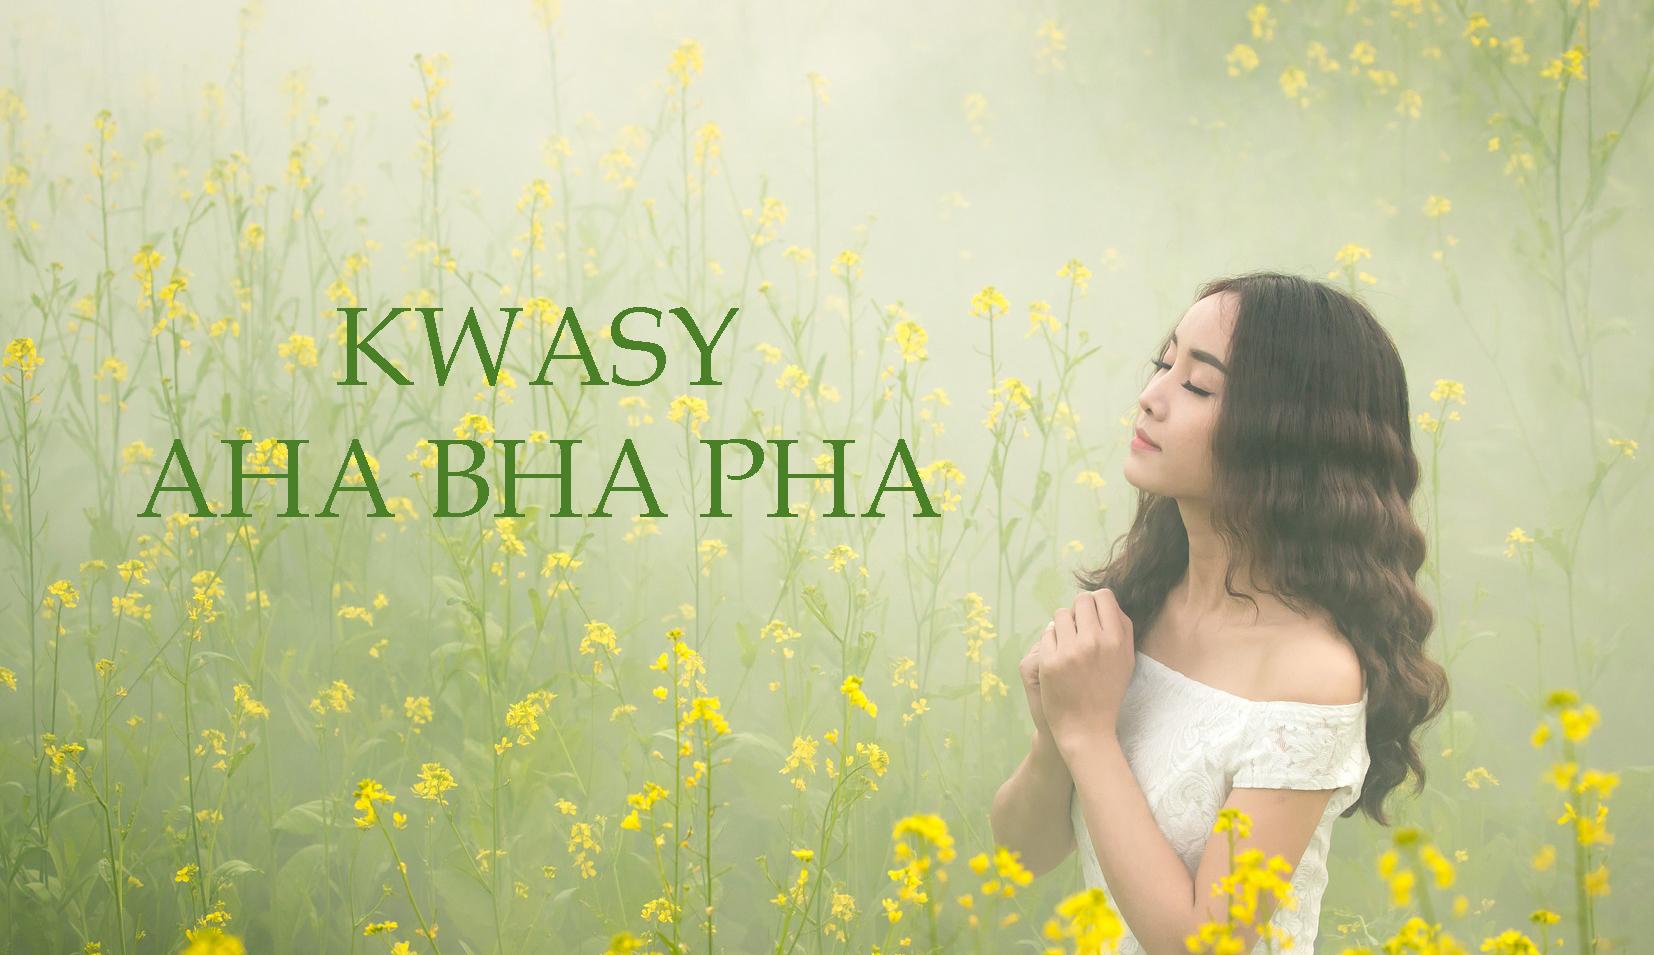 JAKA JEST RÓŻNICA POMIĘDZY KWASAMI AHA / BHA / PHA ?